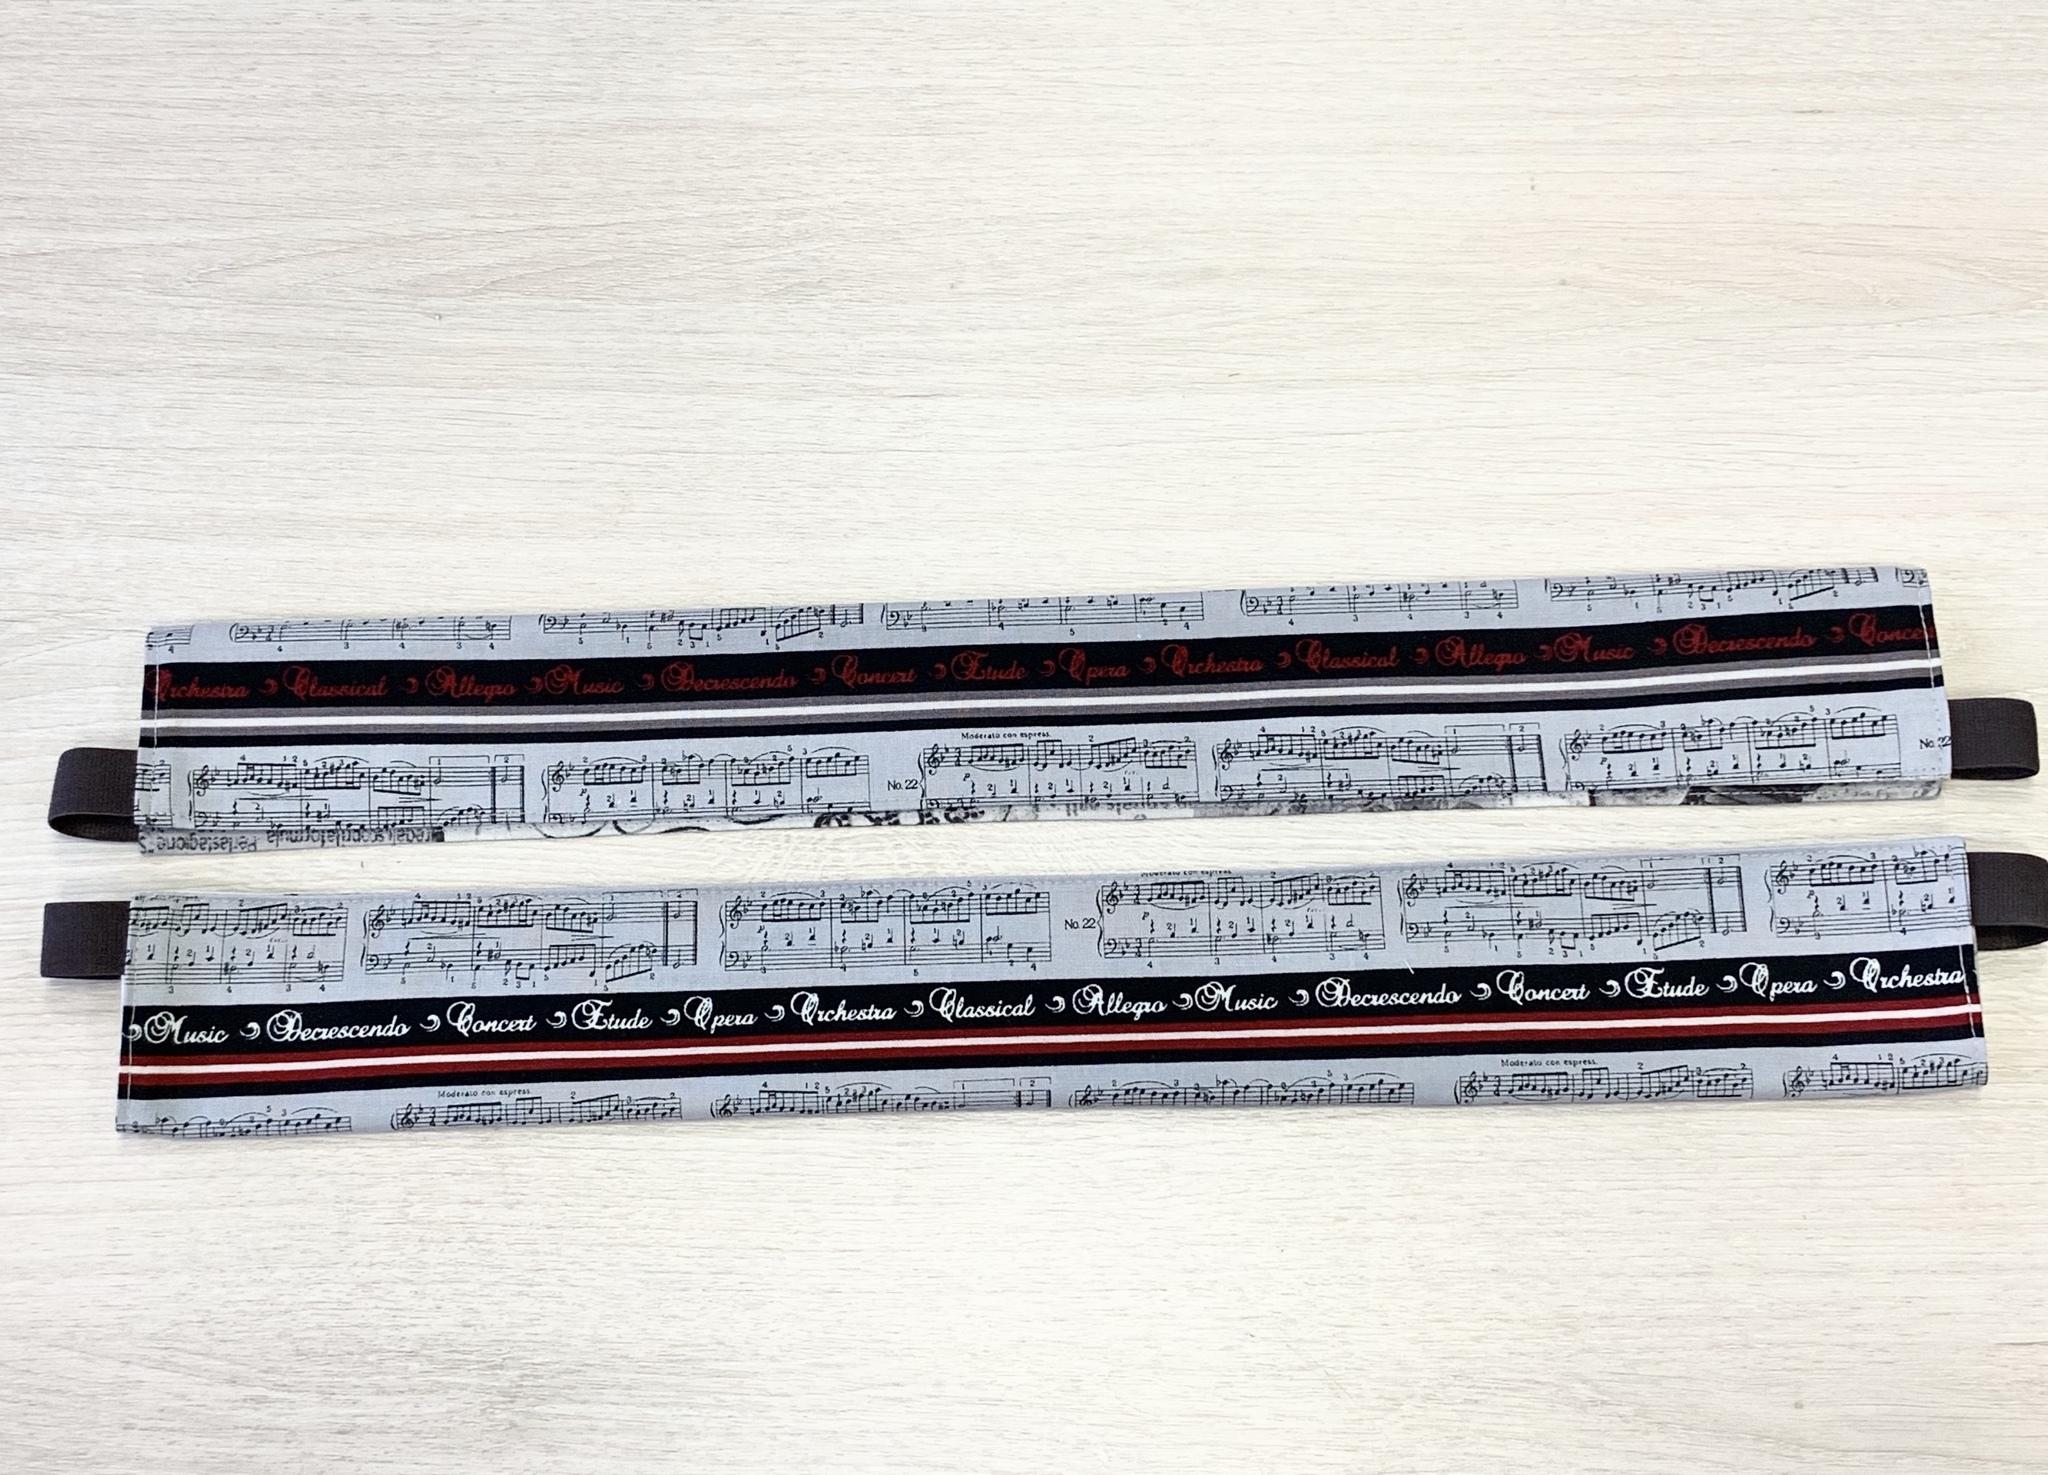 Аксессуары Защитные чехлы для рам 45 см B097B052-0F34-44EF-9DDB-8525FC289FE1.jpeg